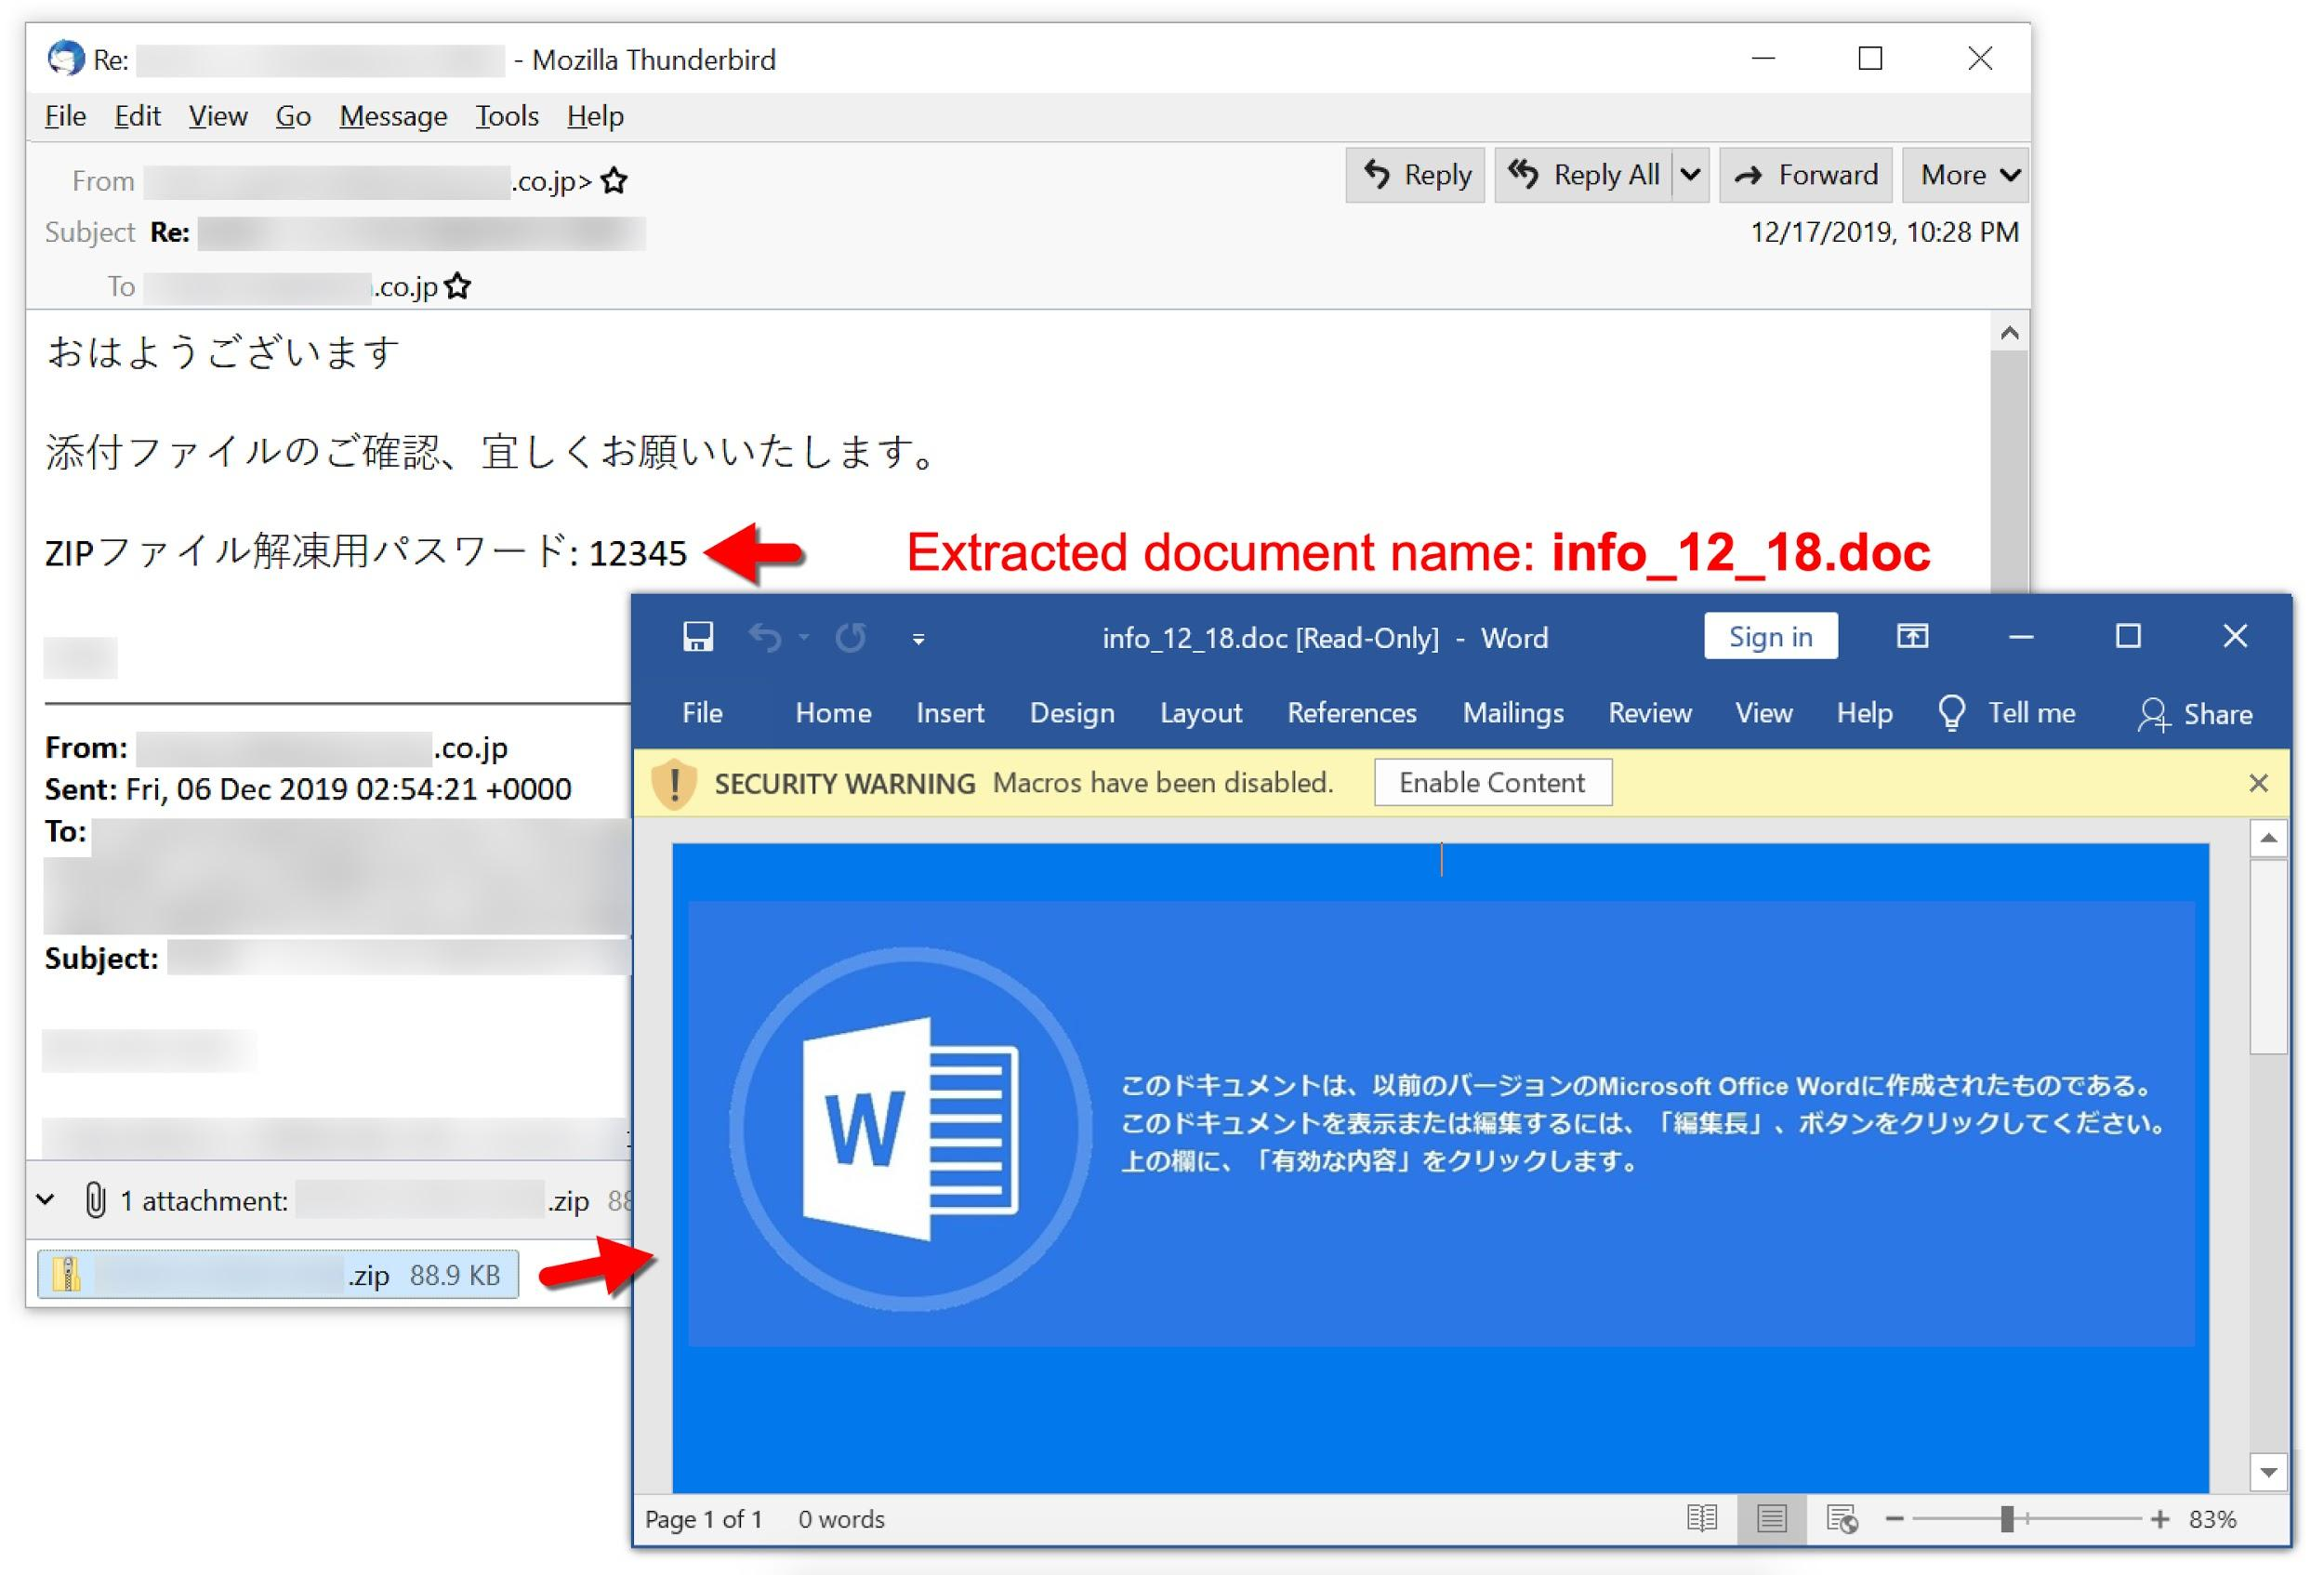 スクリーンショットには日本語のあいさつ文が含まれています。続いてZIPのパスワードと完了手順が示されています。抽出された文書info_12_18が開き、マクロを有効化するようにユーザーをだますメッセージが表示されます。